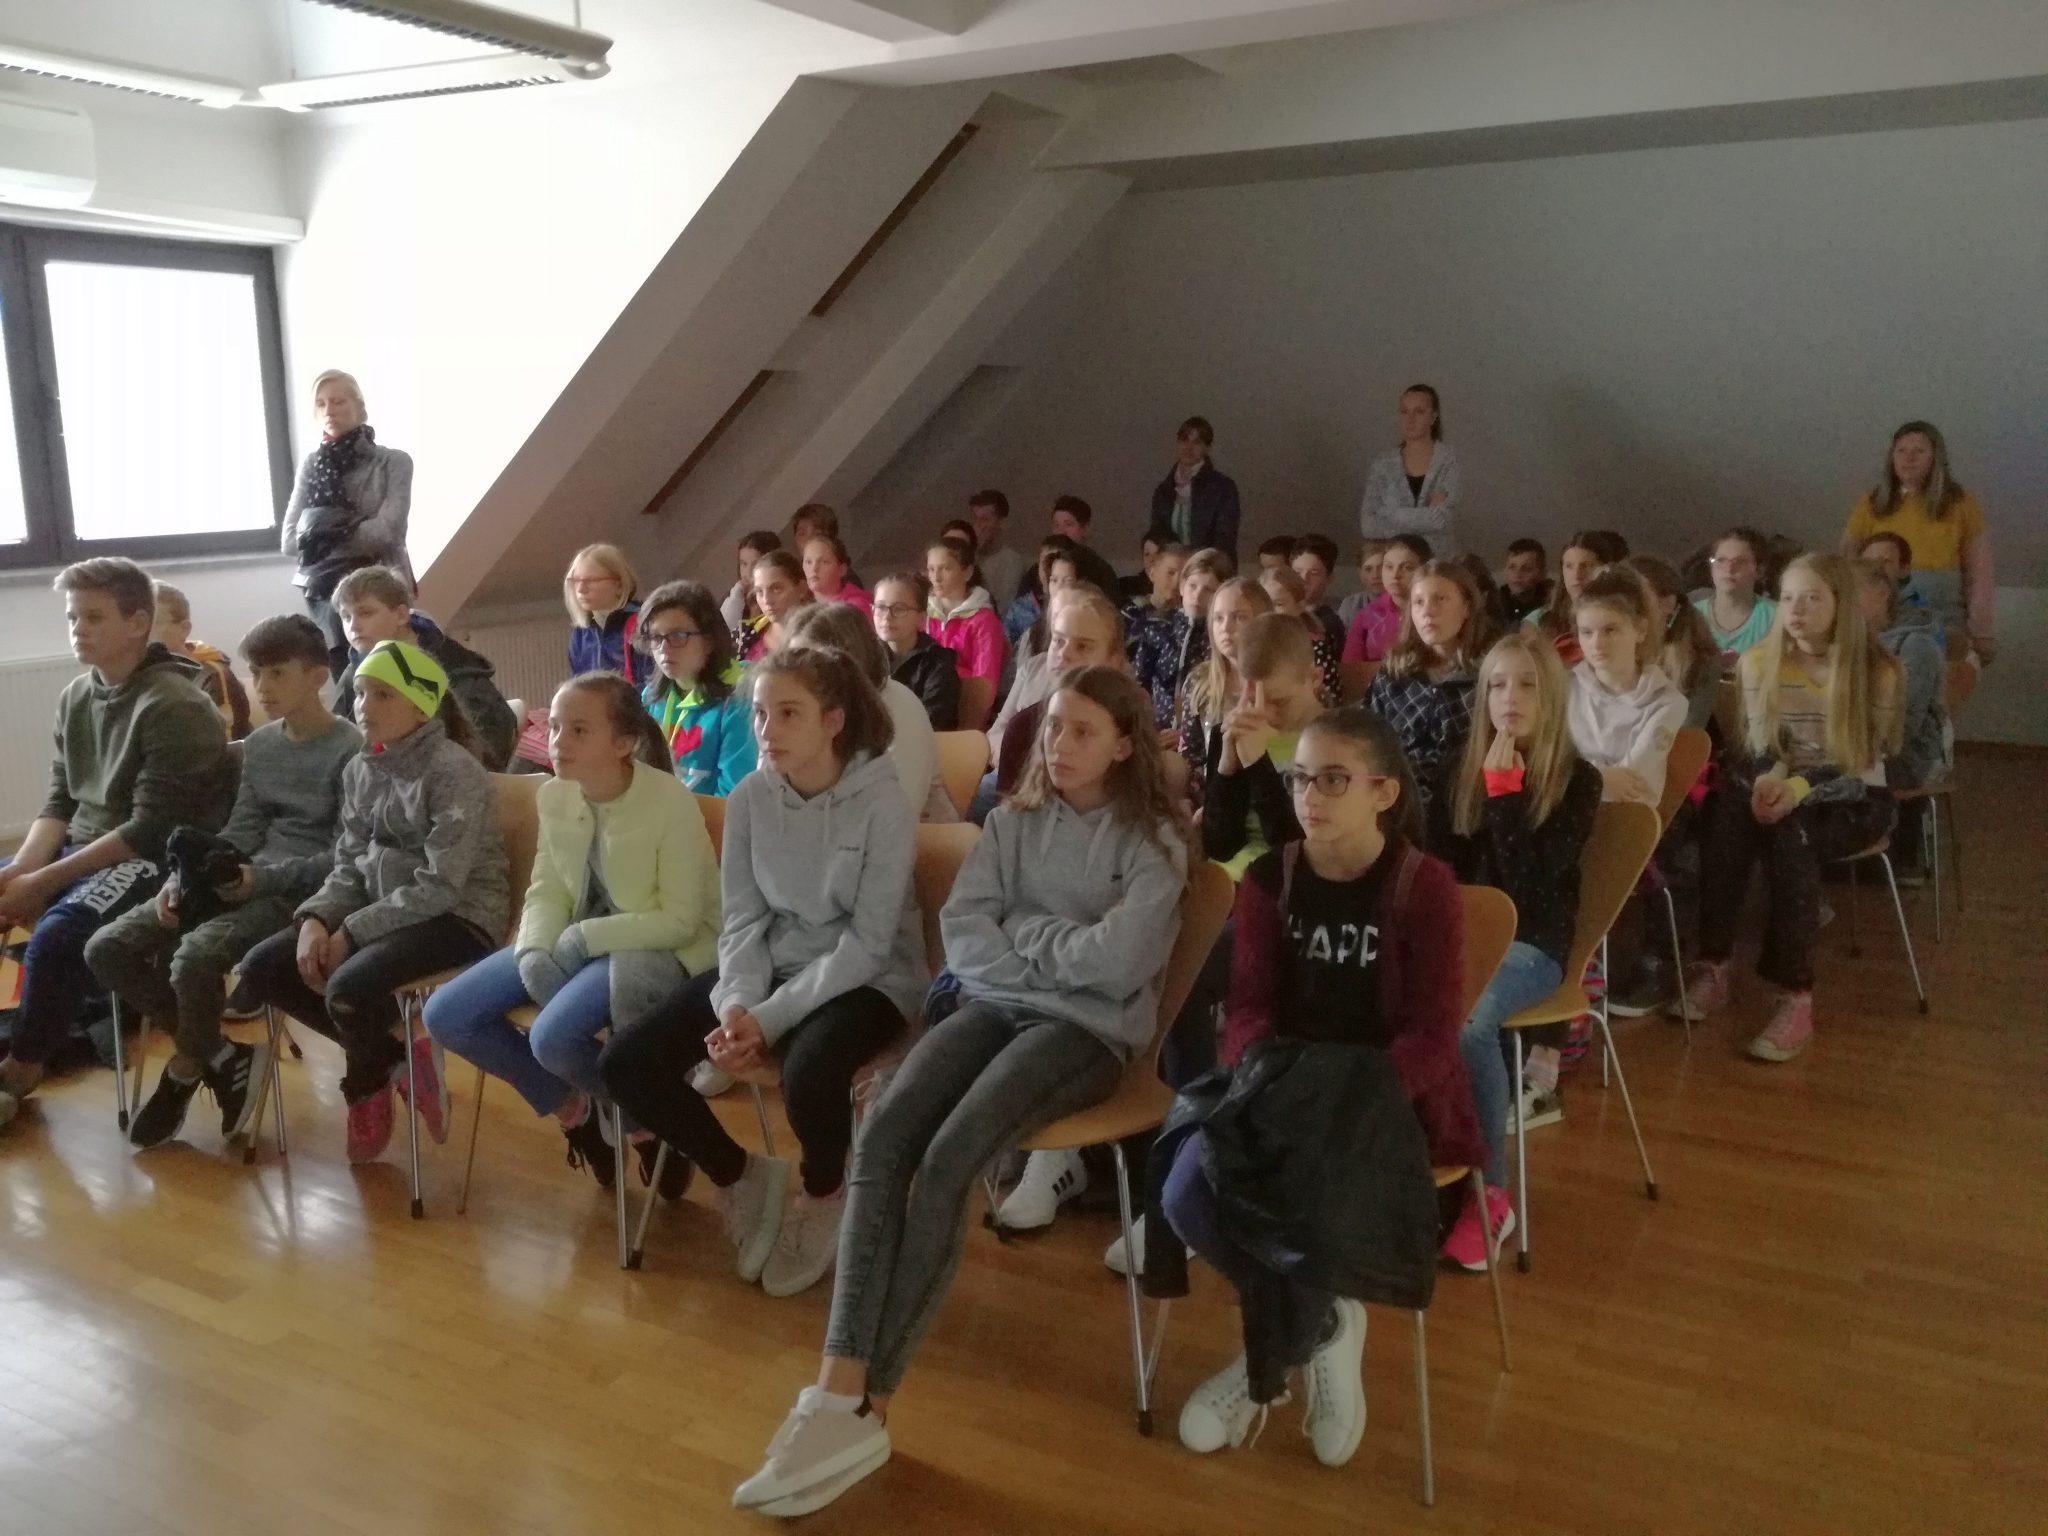 IMG 20181002 091923 - Obisk sedmošolcev iz Starega trga